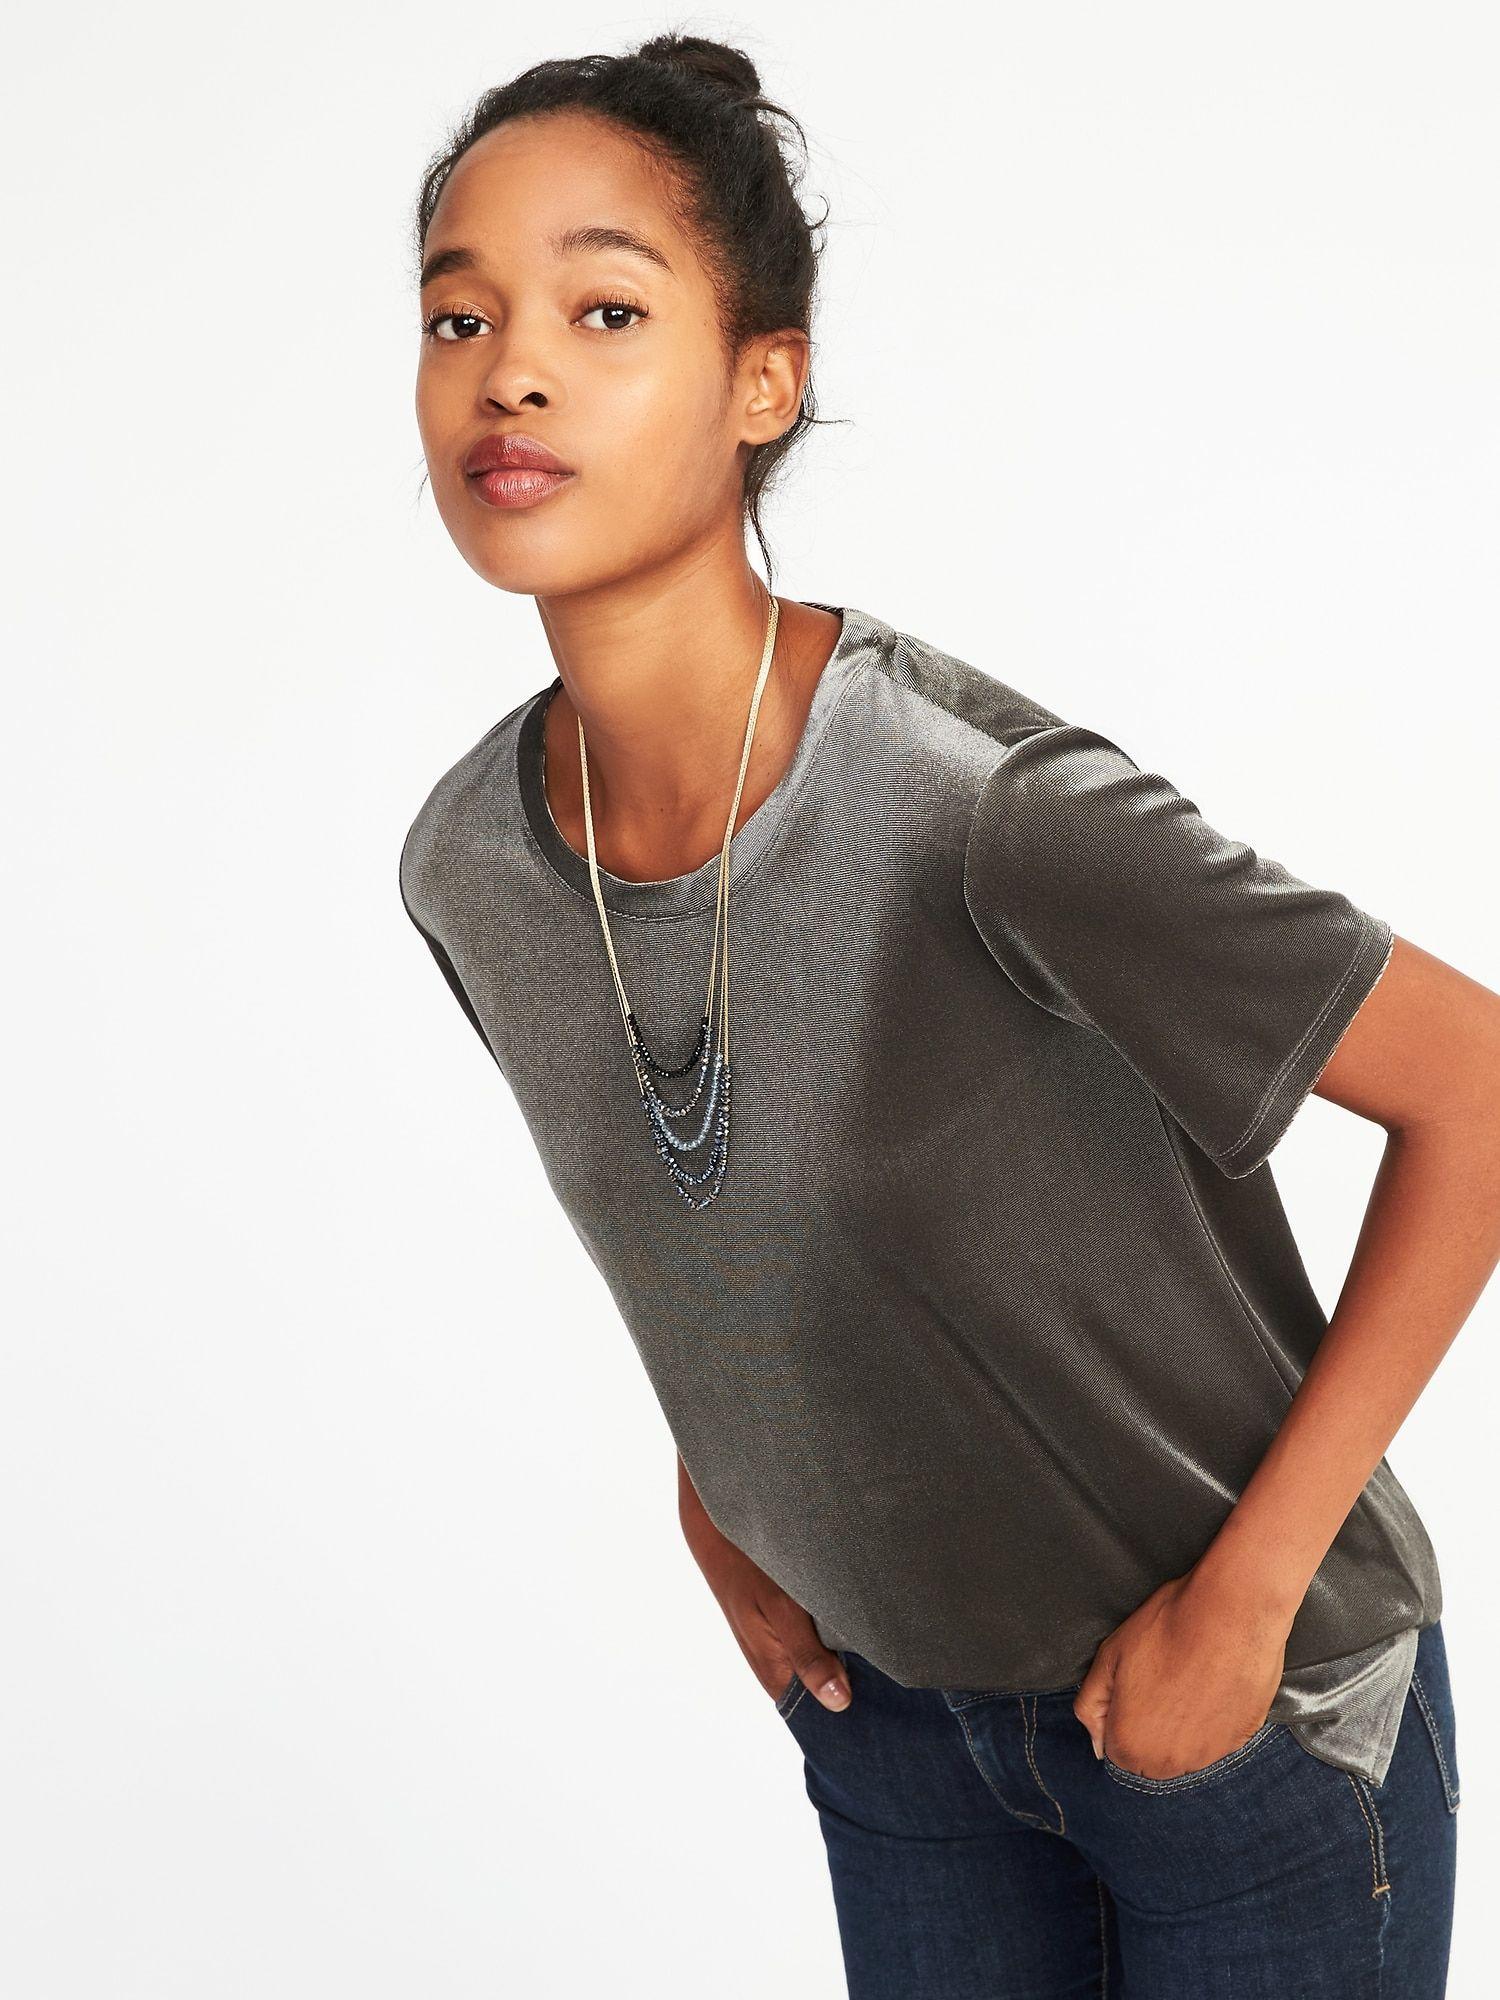 426f11c7f31 Velvet Shirt - Old Navy - Gray - Size M. Boyfriend Velvet Top for Women ...